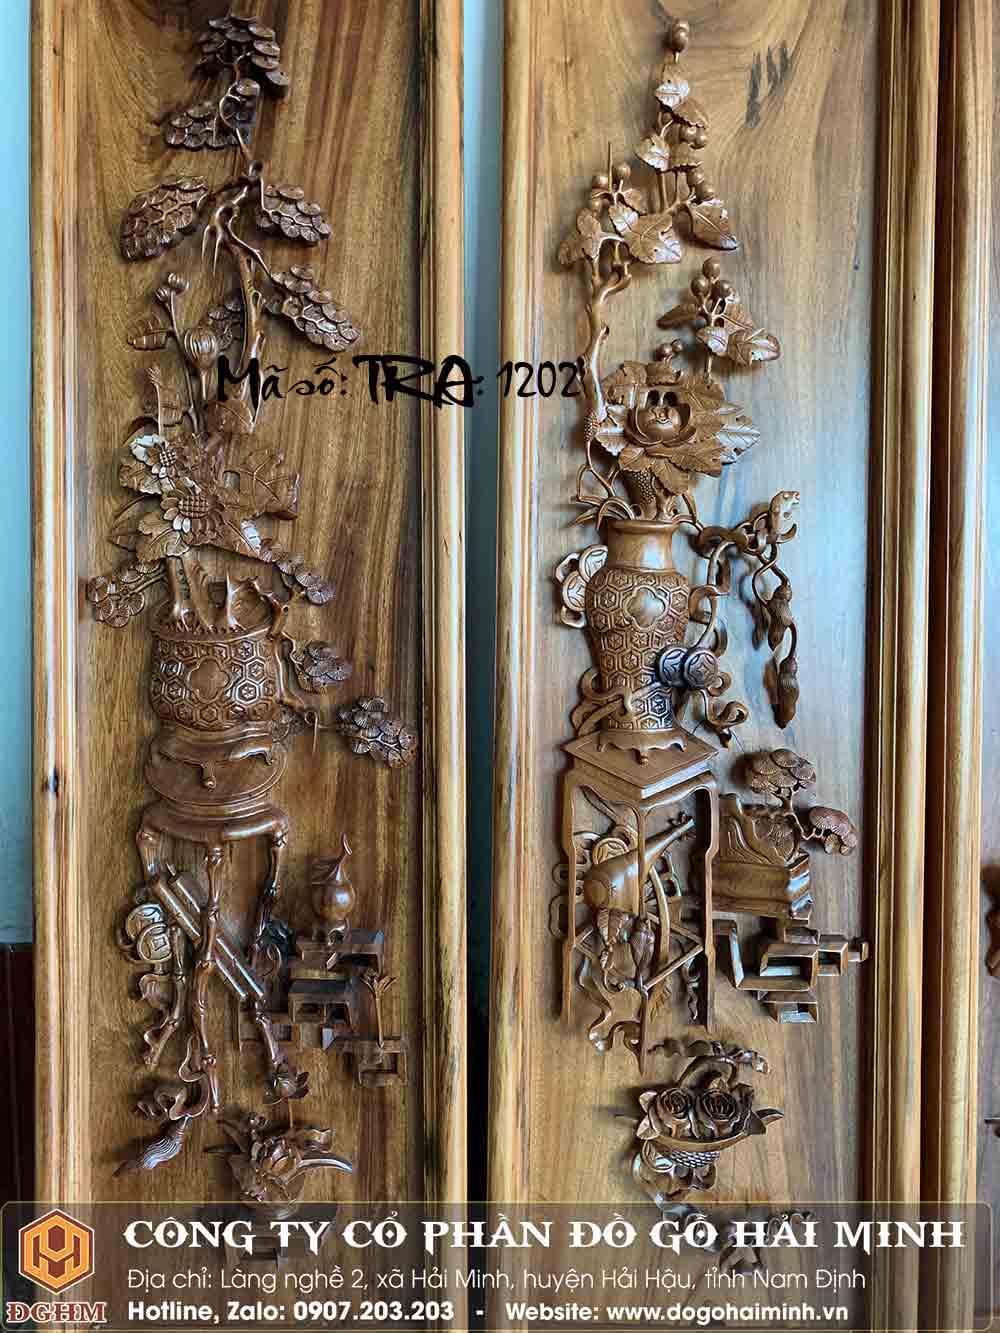 tranh gỗ gụ quảng bình đục tứ bình 4 mùa